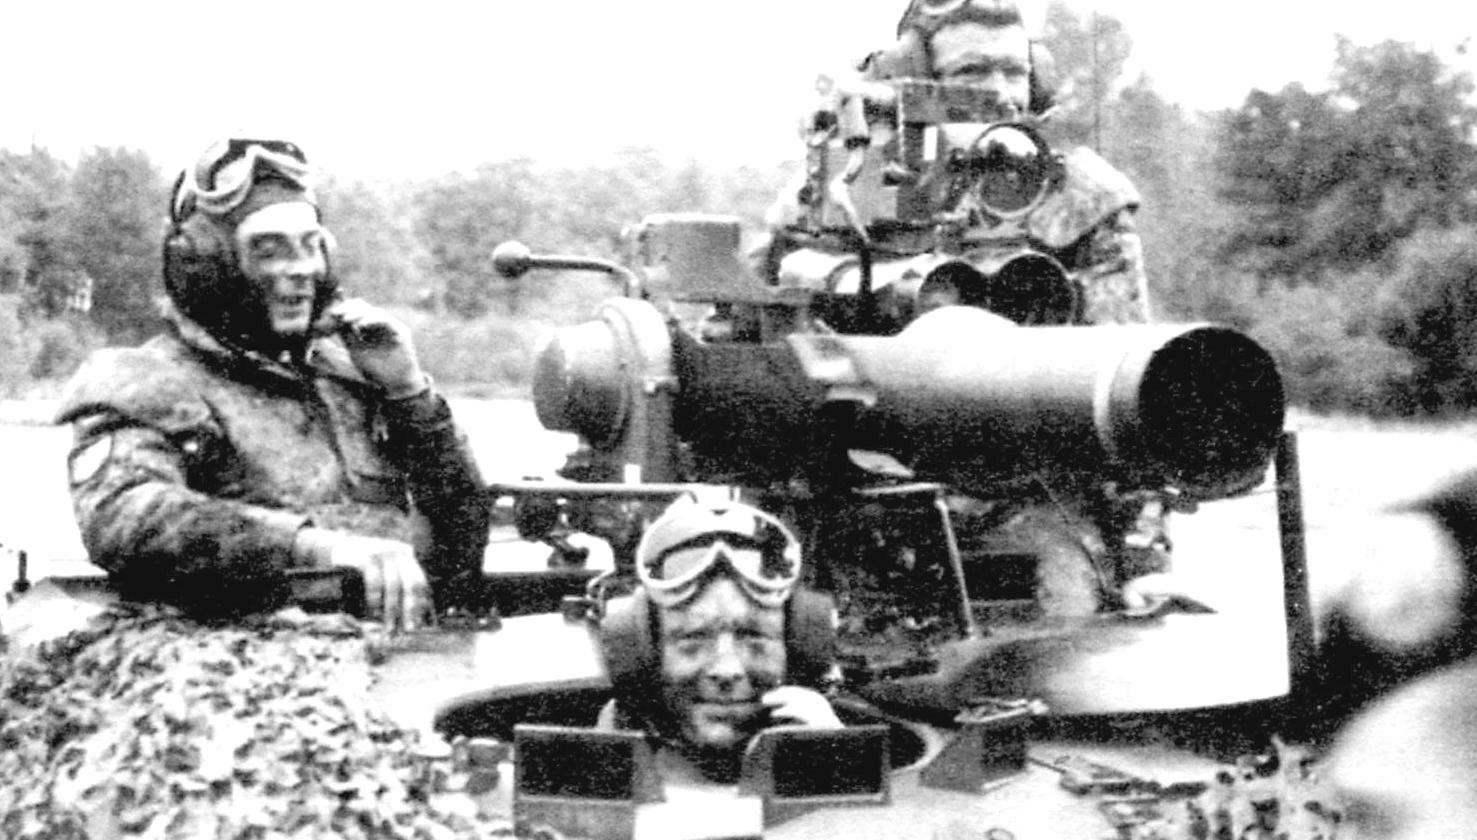 Пусковая установкам M151 ПТРК TOW на борту «Визель». Экипаж машины в таком варианте состоял из механика-водителя (впереди), командира (слева) и оператора комплекса (справа)